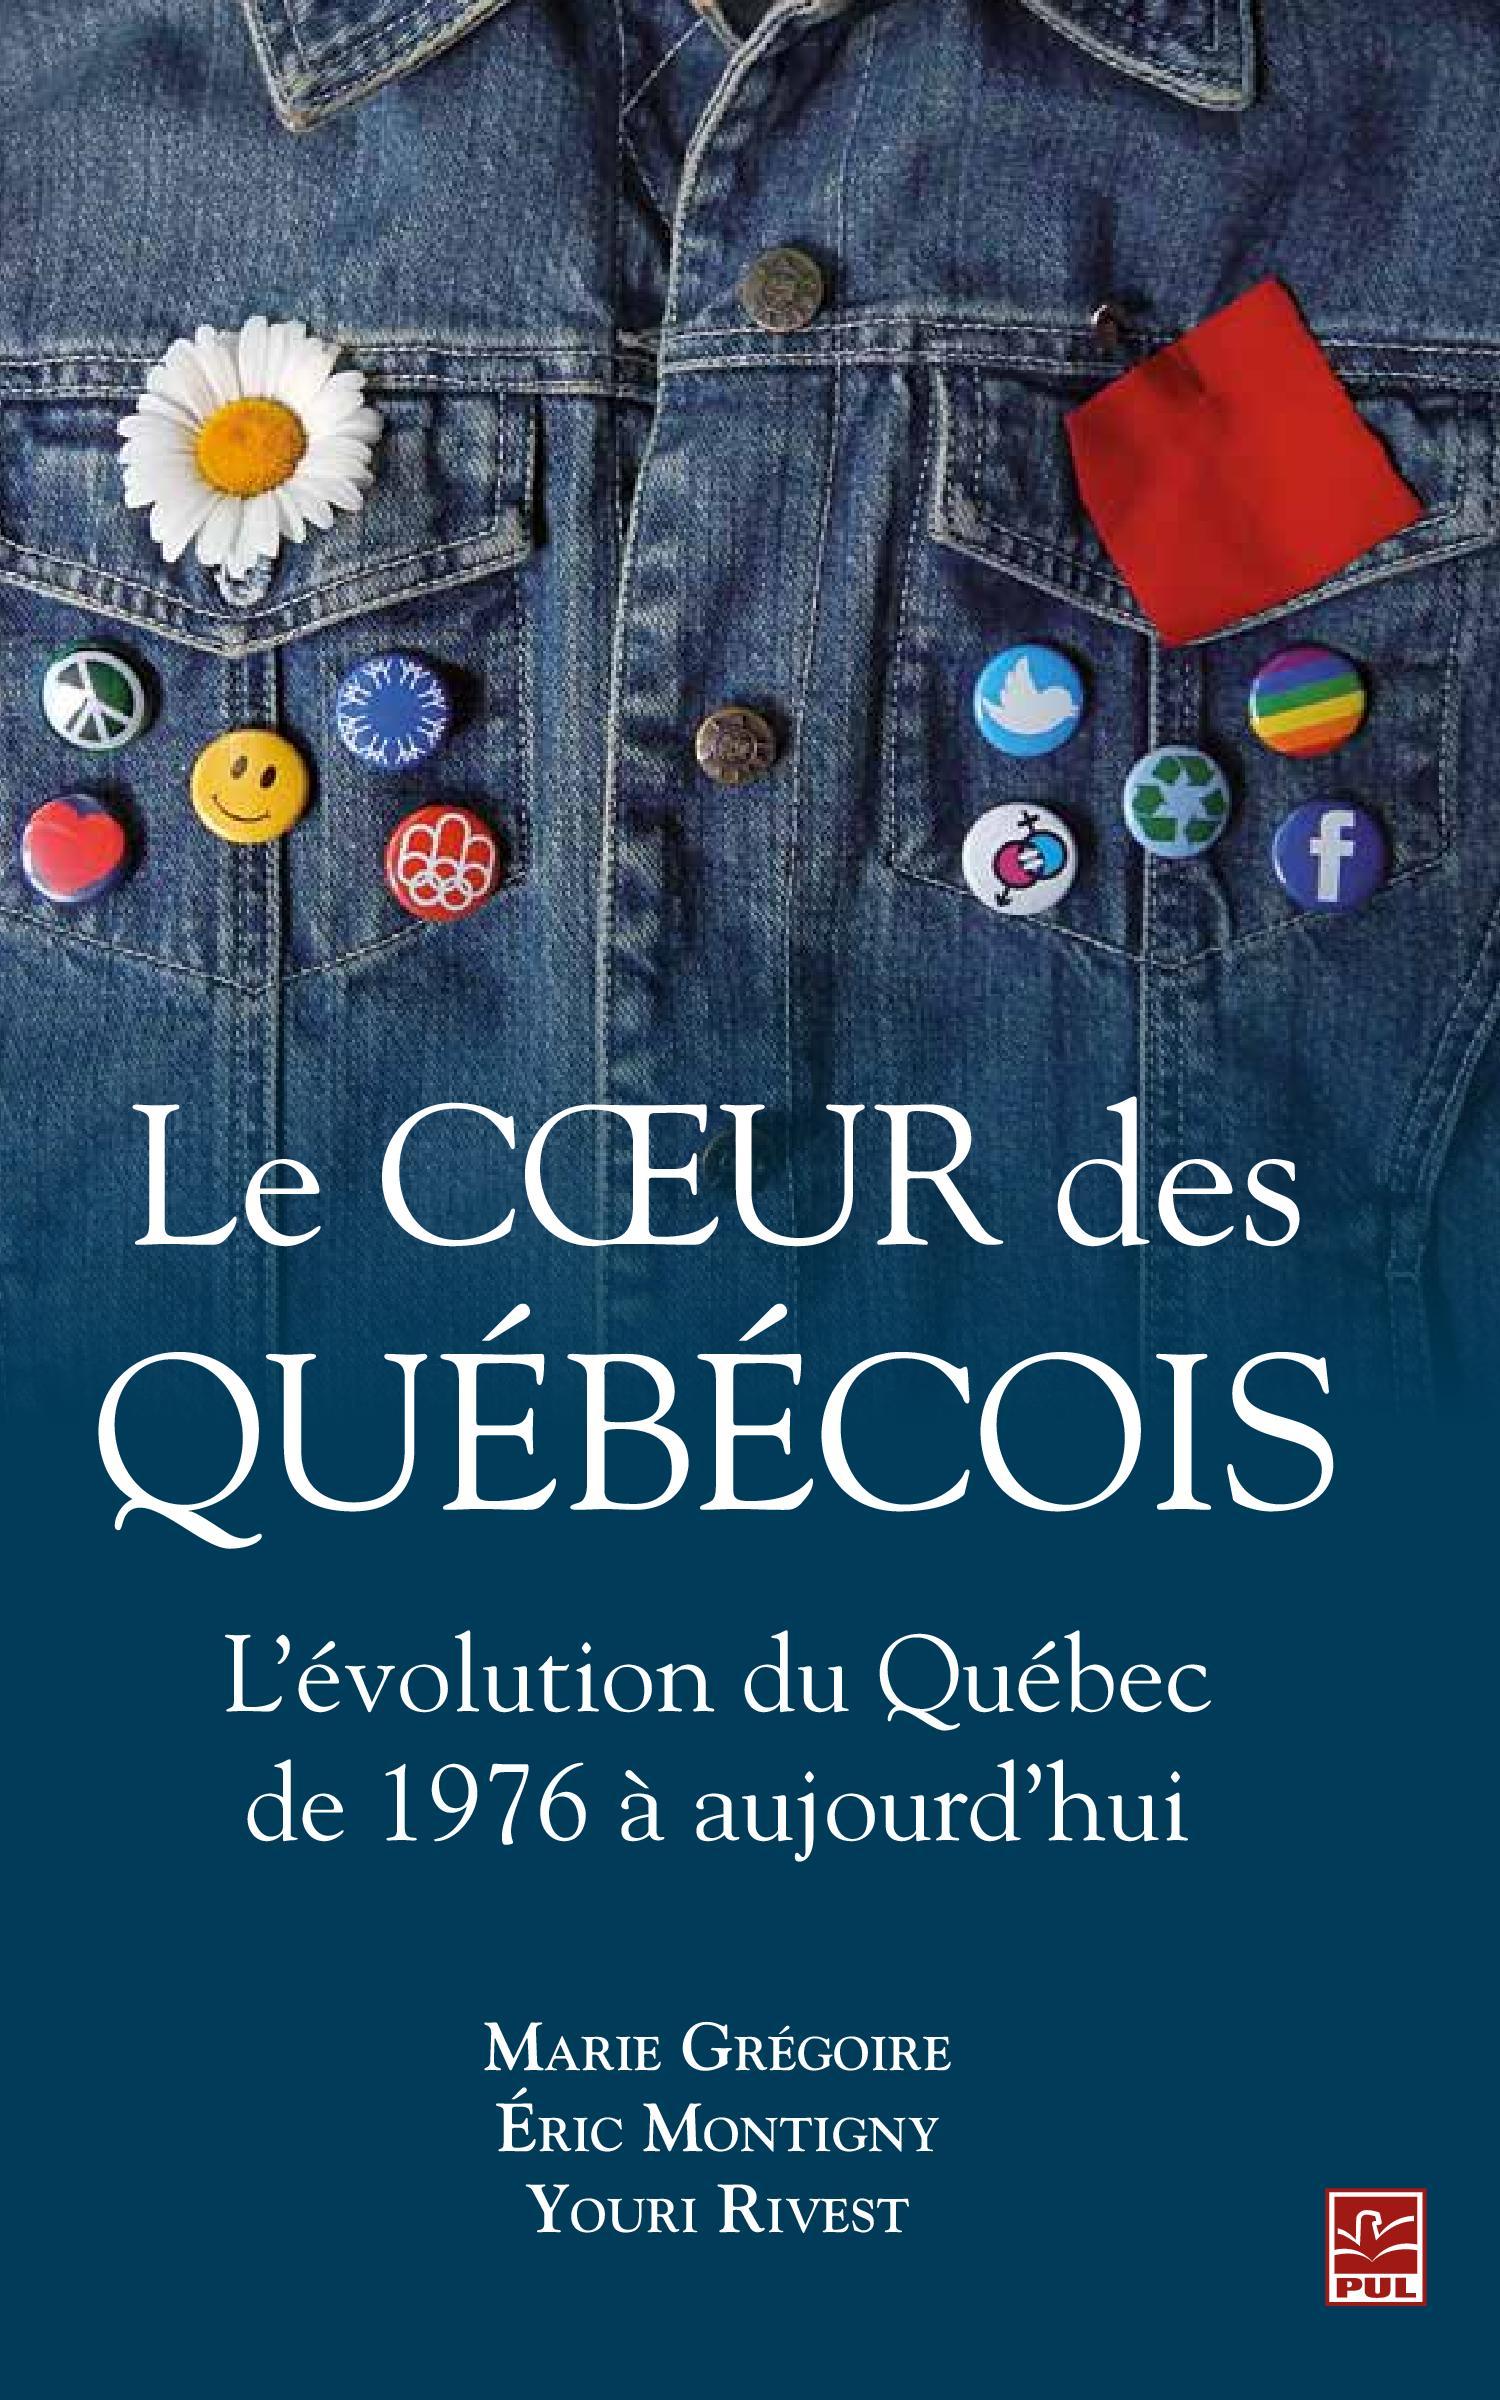 Le coeur des Québécois : L'évolution du Québec de 1976 à aujourd'hui